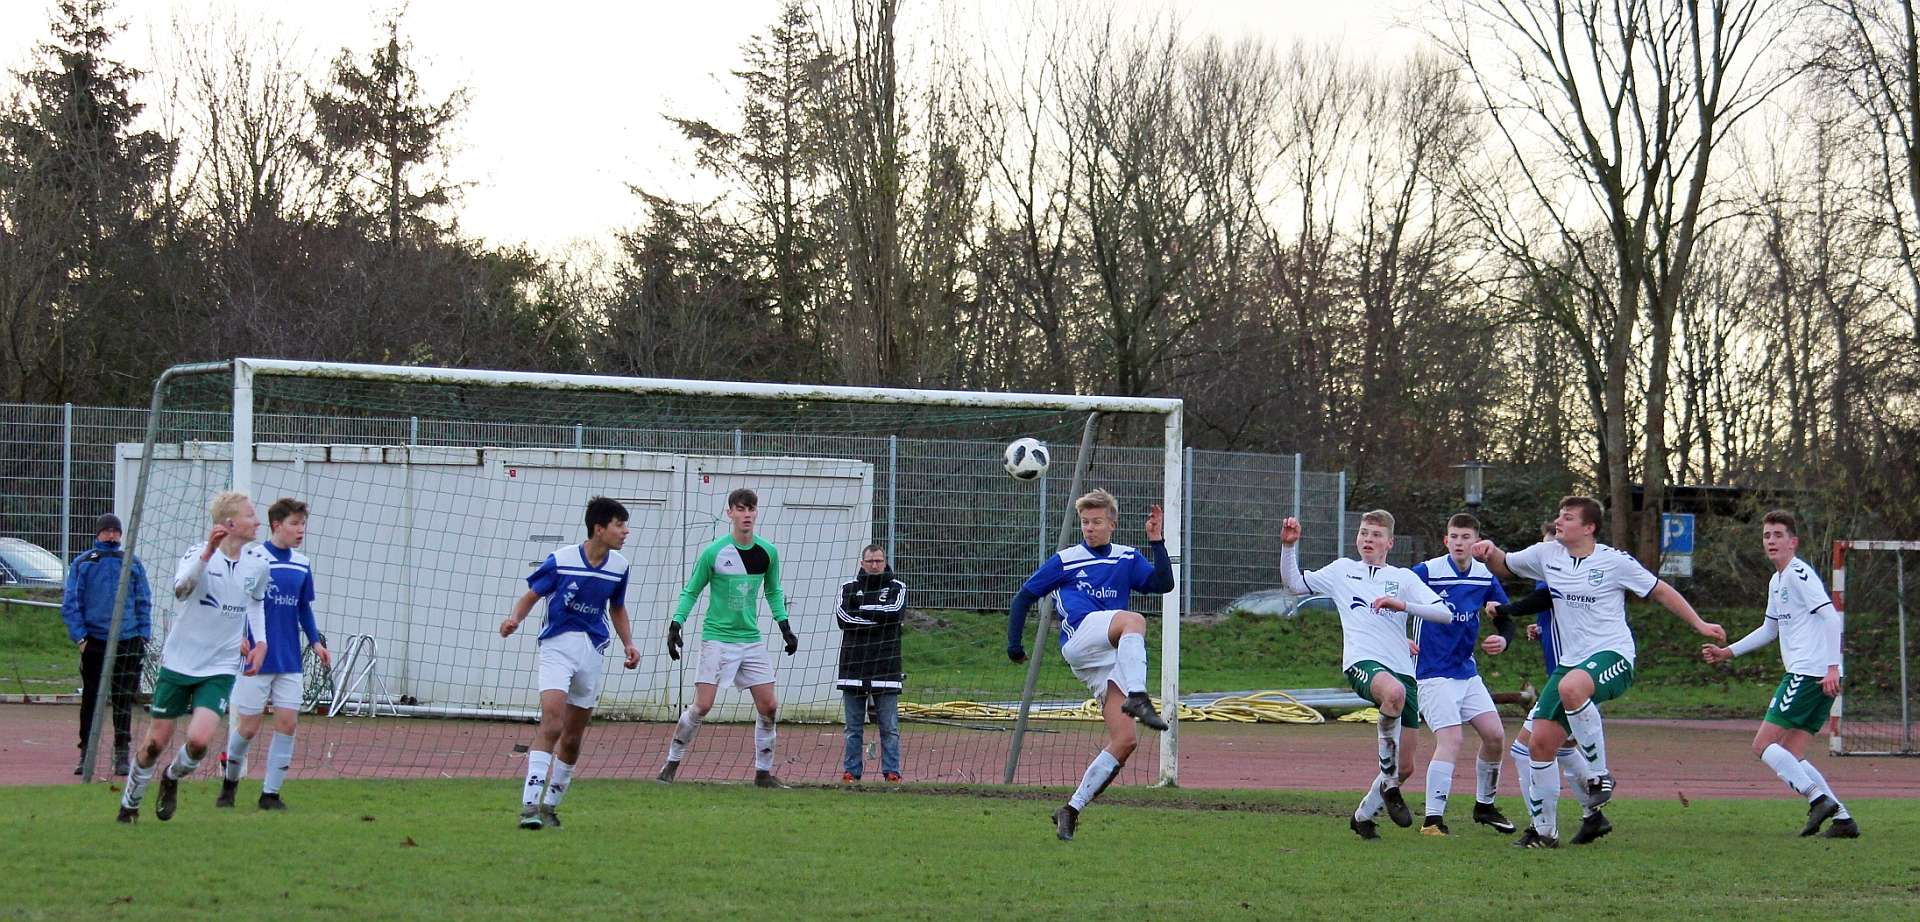 Fussball B Junioren Kreisliga Tura Ii Sg Breitenburg Ii 0